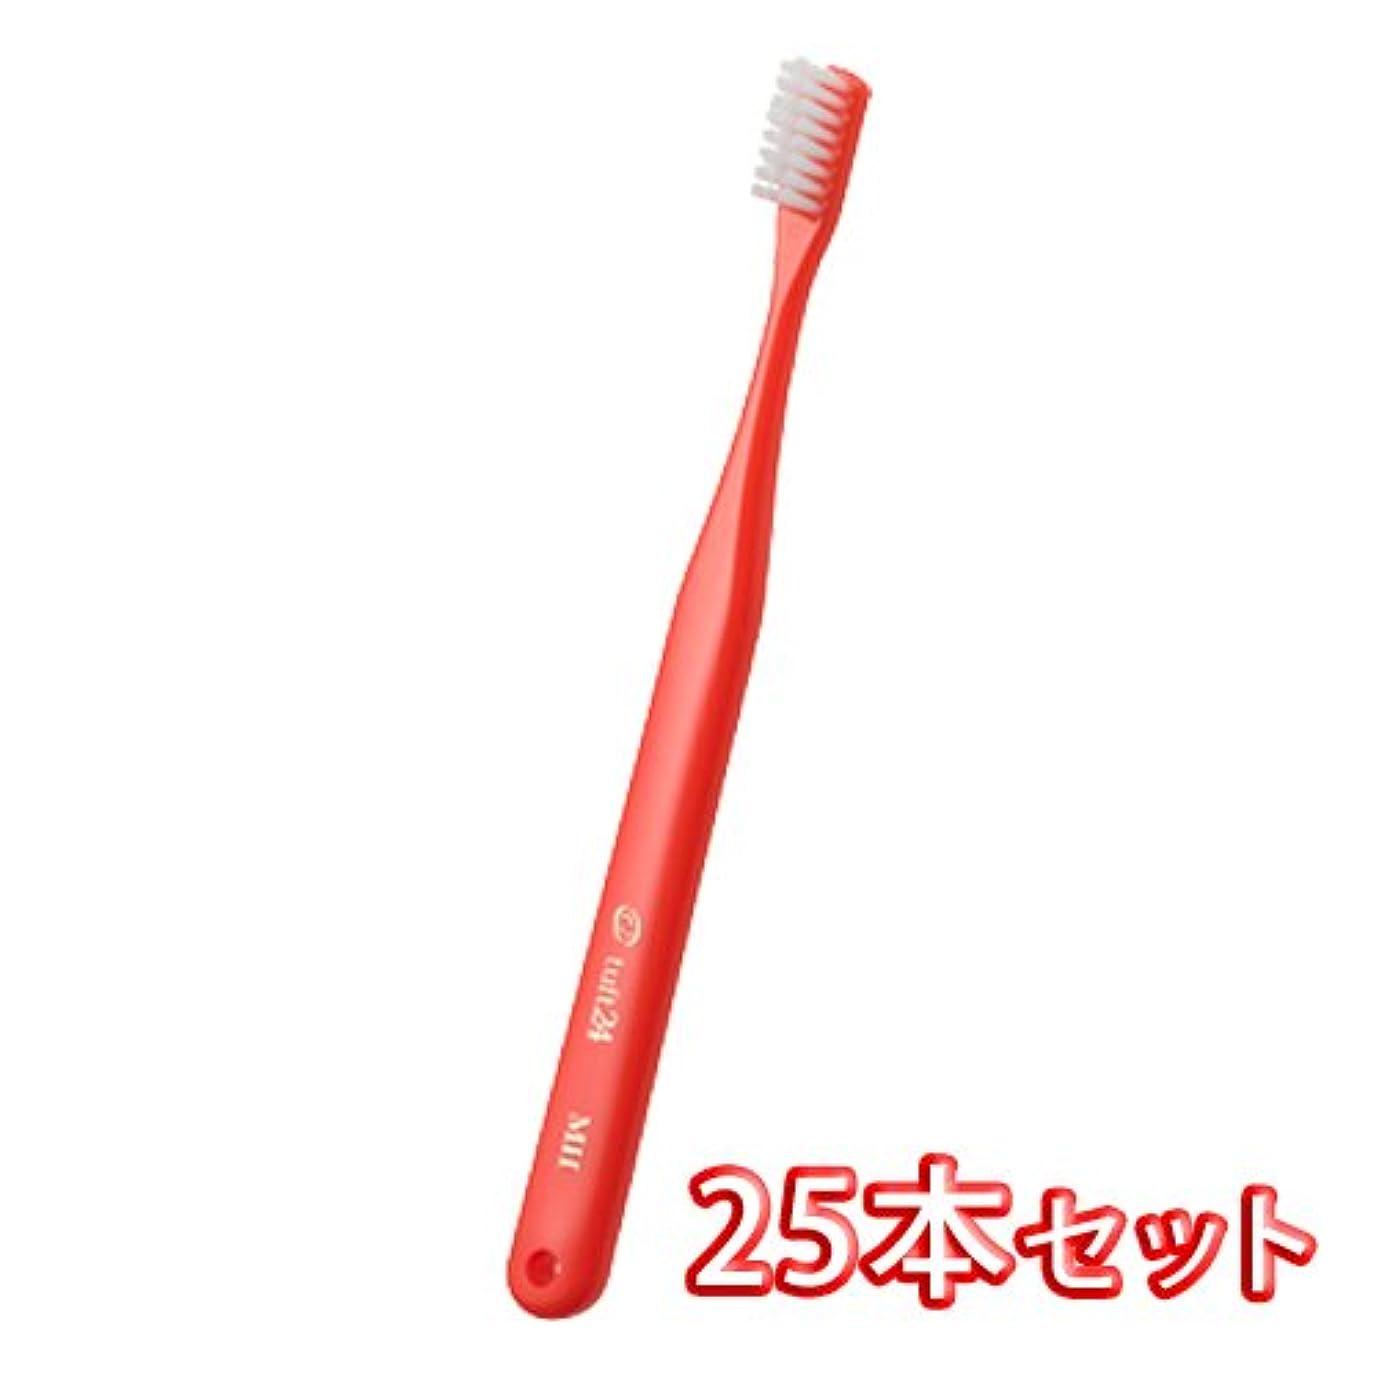 スラッシュレクリエーションパパオーラルケア キャップ付き タフト 24 歯ブラシ 25本入 ミディアムソフト MS (レッド)